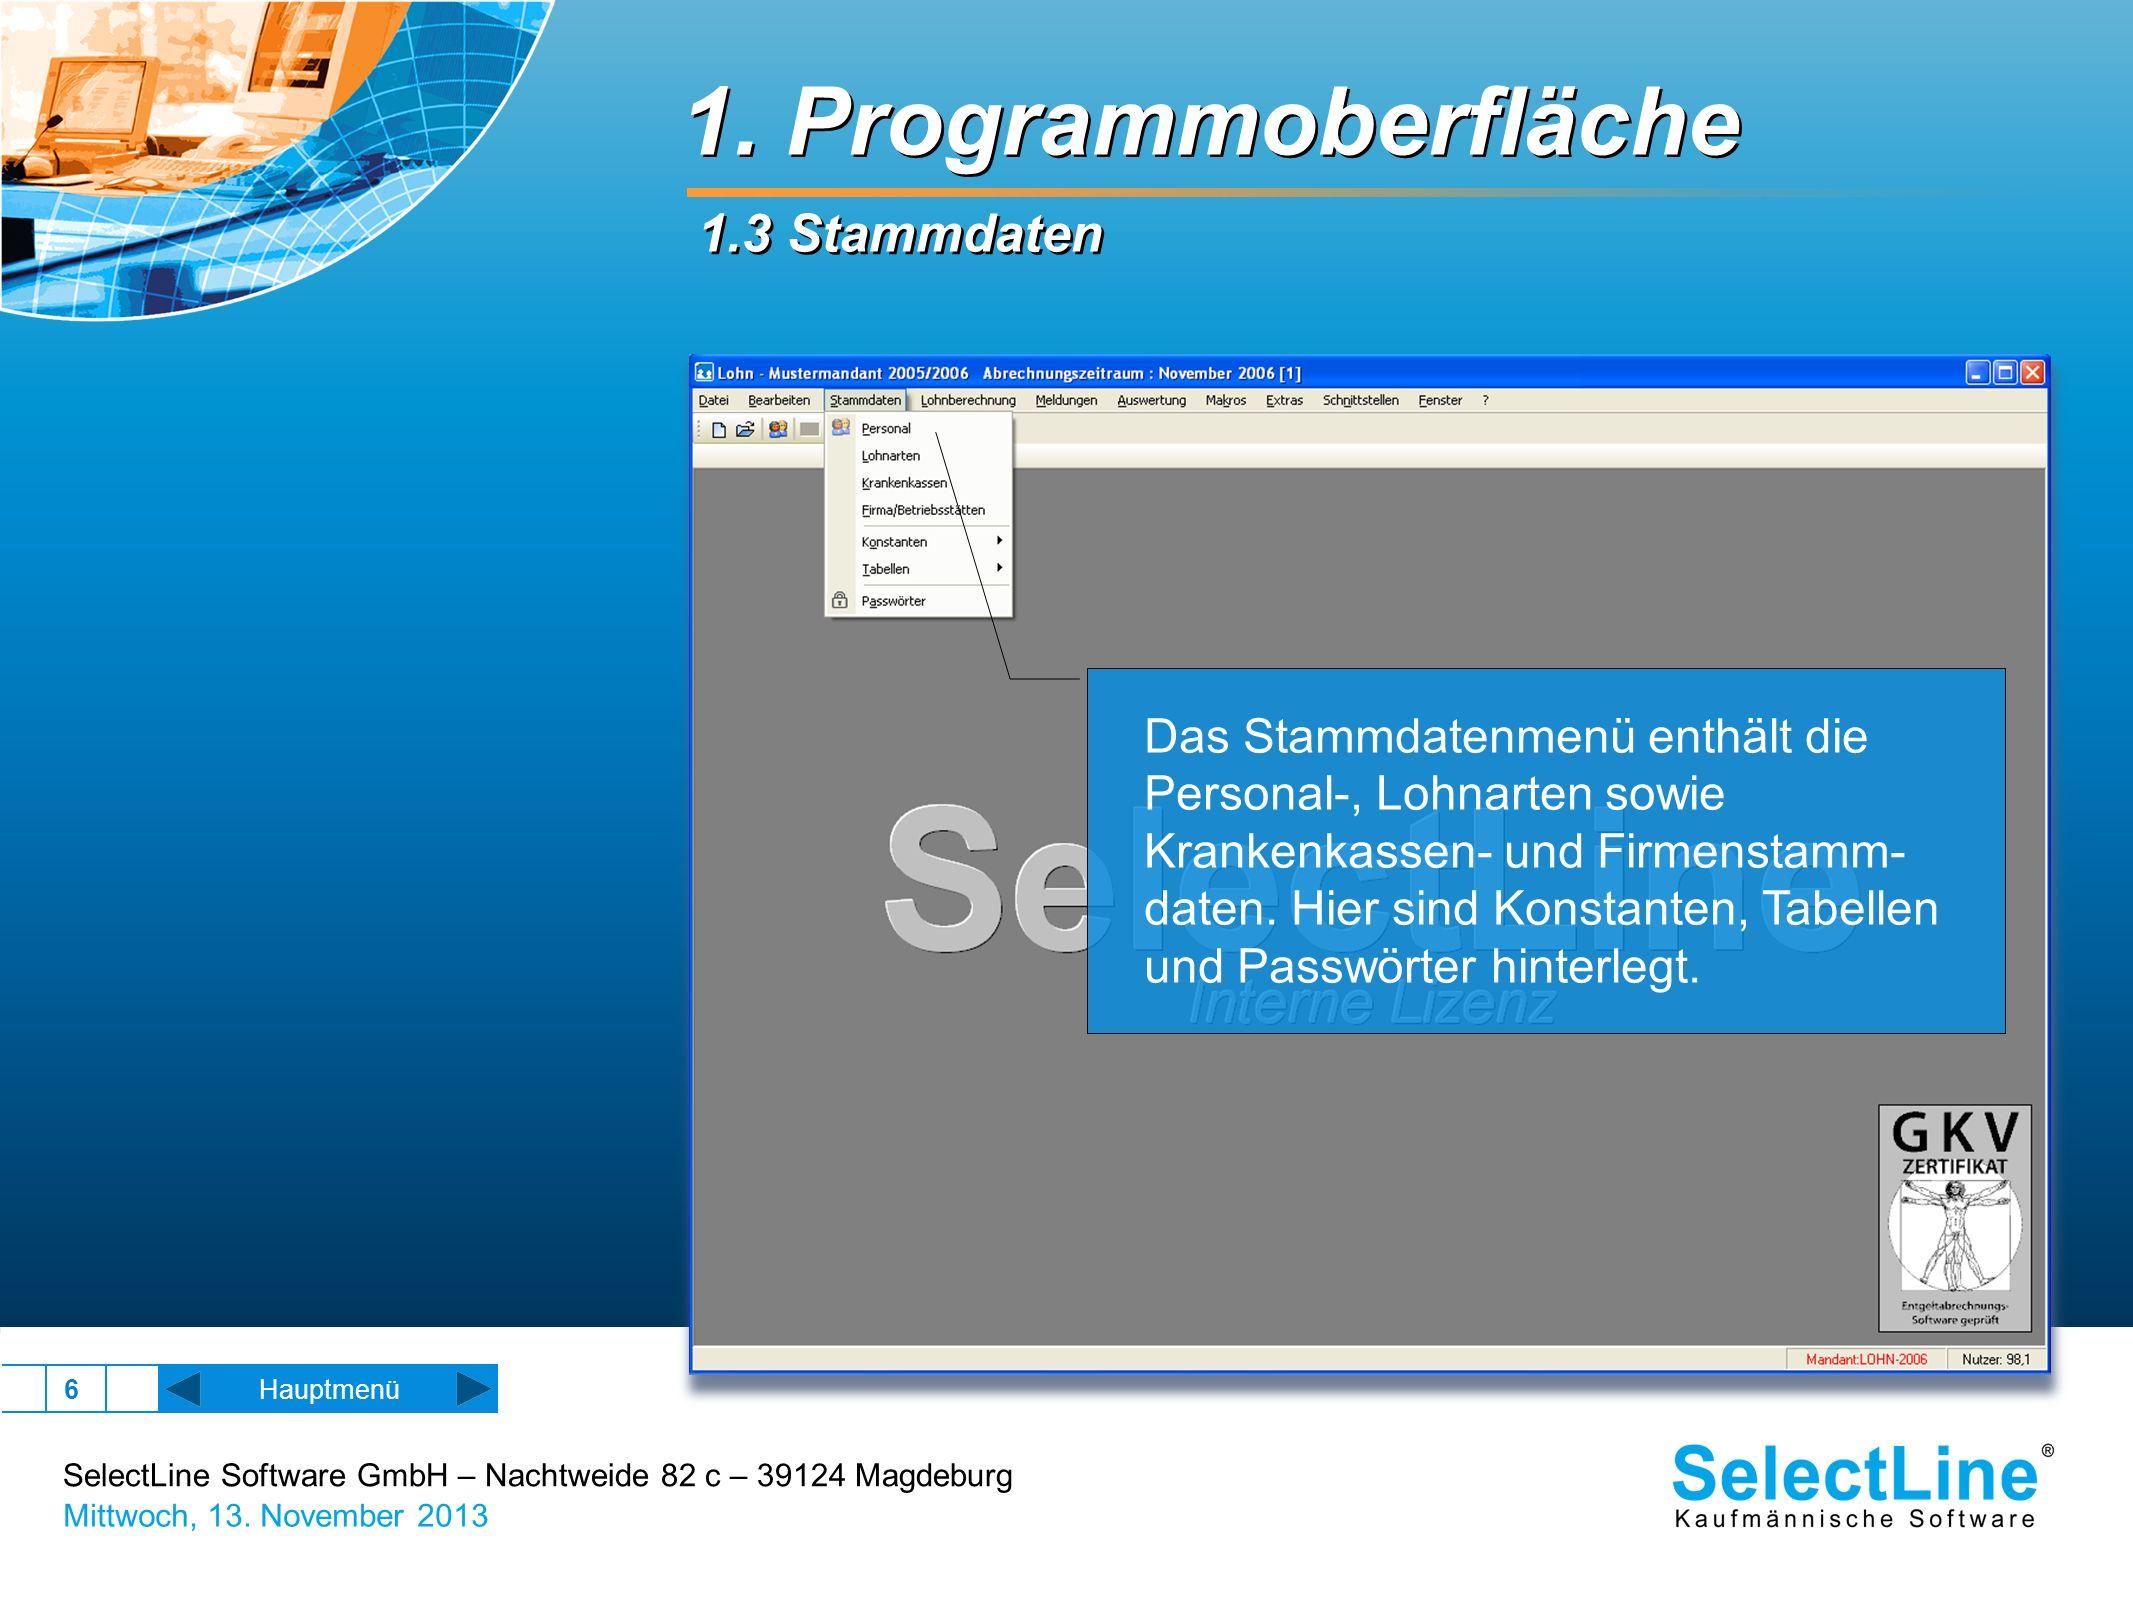 SelectLine Software GmbH – Nachtweide 82 c – 39124 Magdeburg Mittwoch, 13. November 2013 6 1. Programmoberfläche 1.3 Stammdaten Hauptmenü Das Stammdat